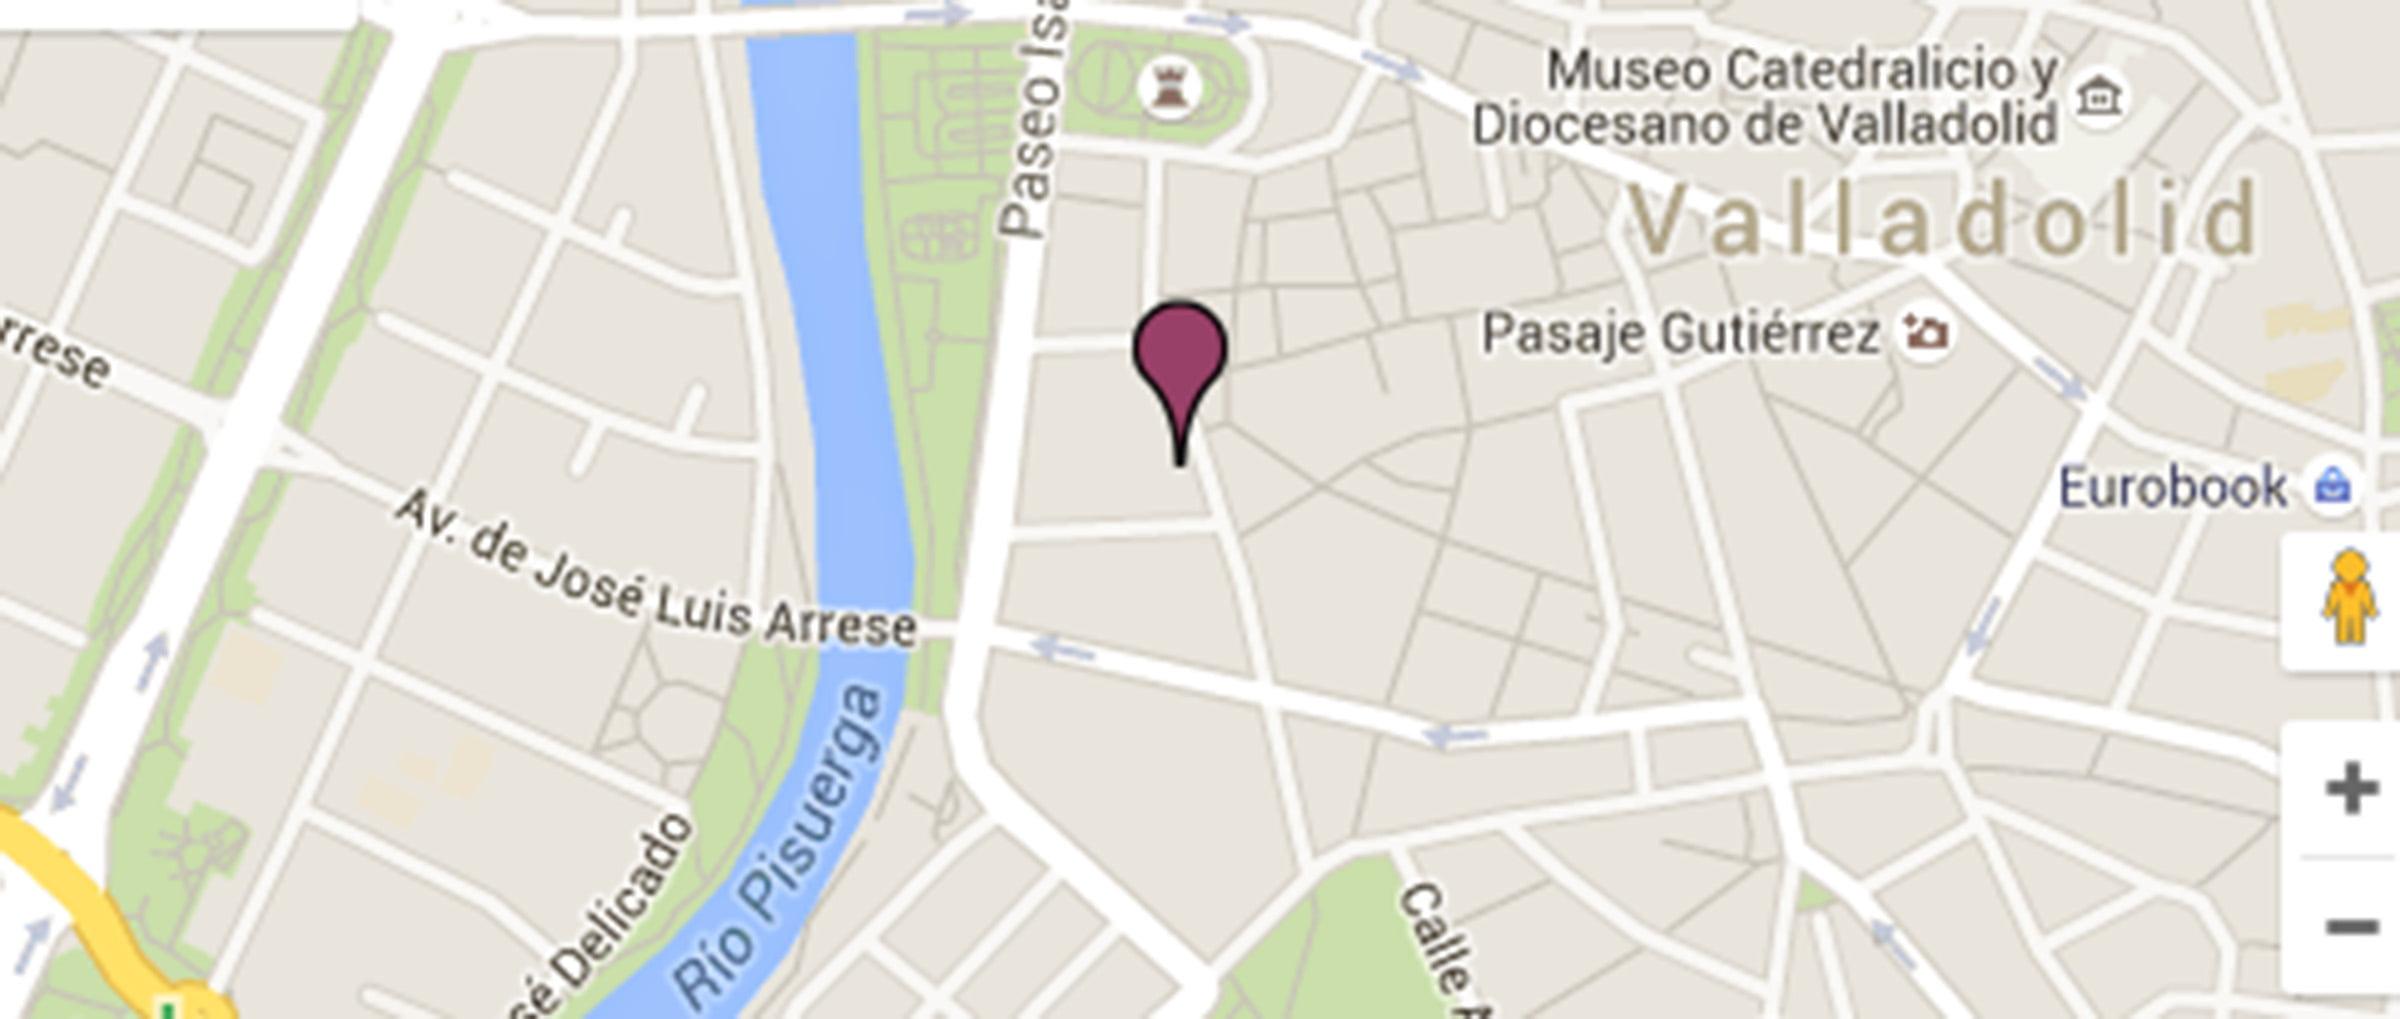 Localización geográfica de la consulta del Dr. Arqueros